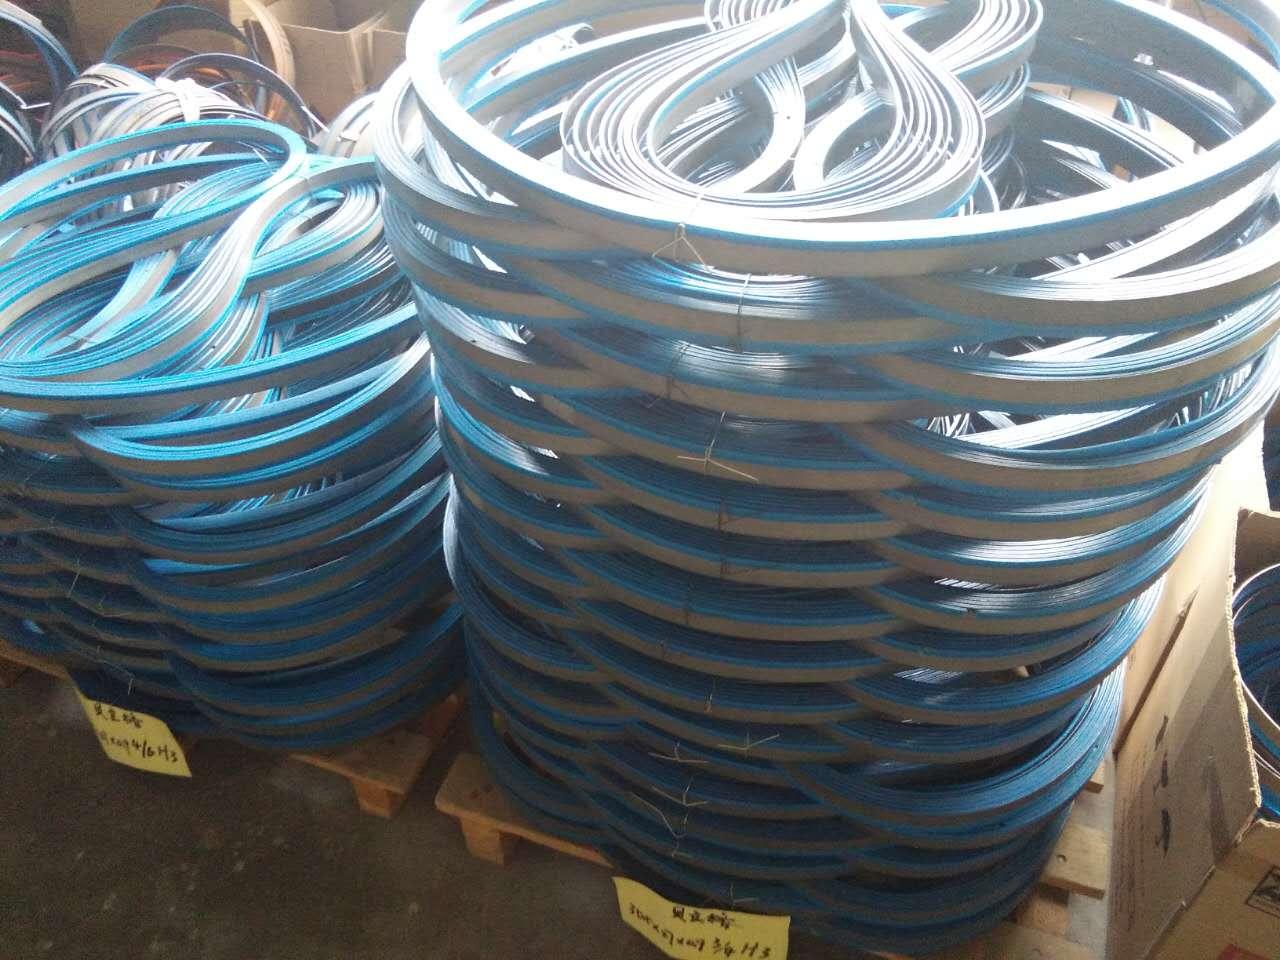 Máquina com Serra de FITA Serra bimetal band saw blades sharp metal cutting band saw blades, fábrica de Venda directa